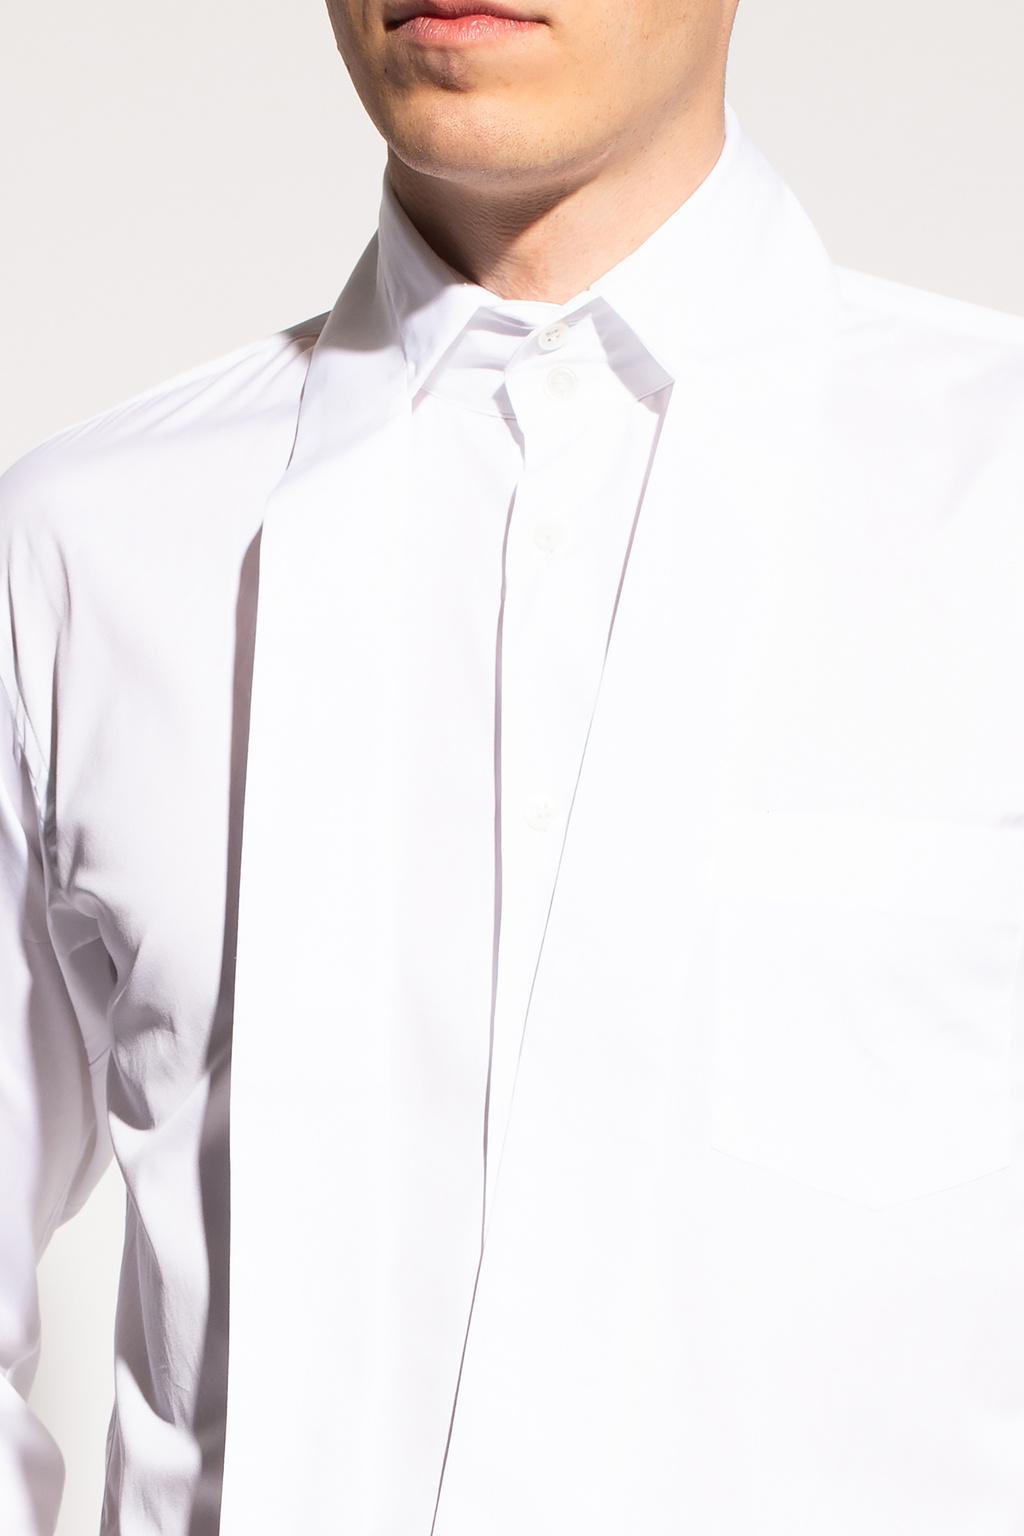 Comme des Garcons Shirt Tie-up shirt